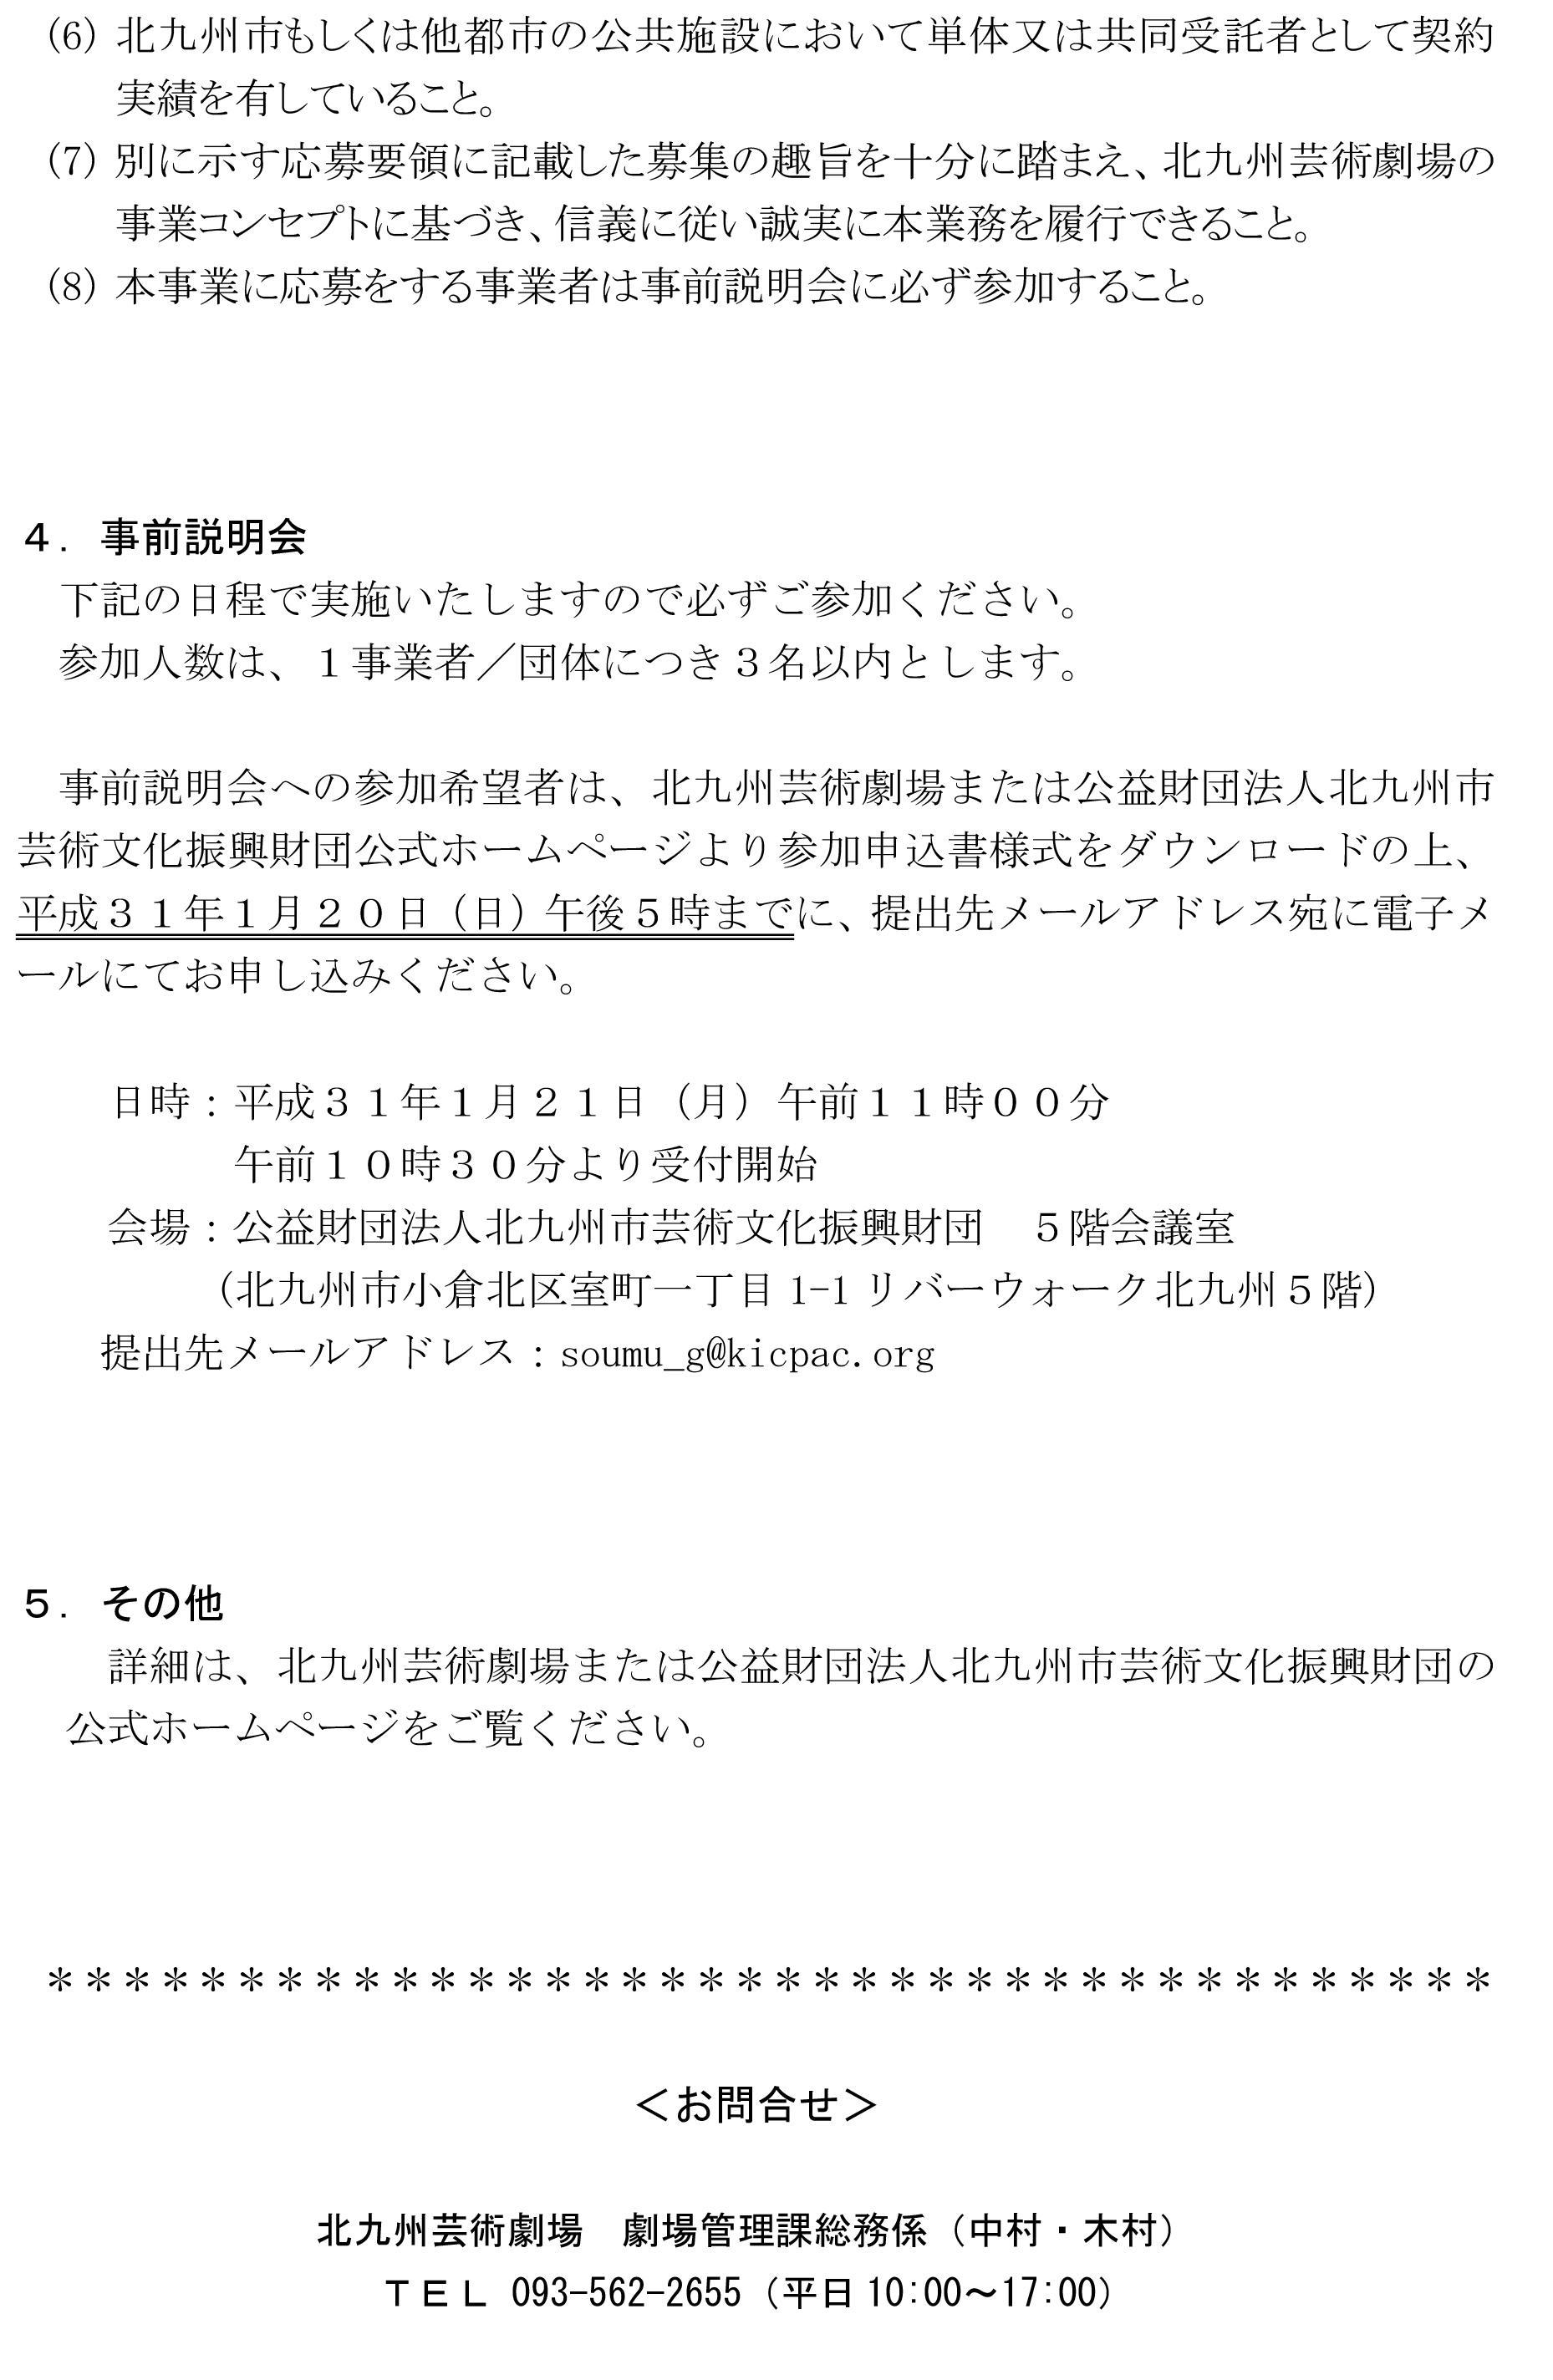 [劇場フロント]受託事業者募集案内-2.jpg